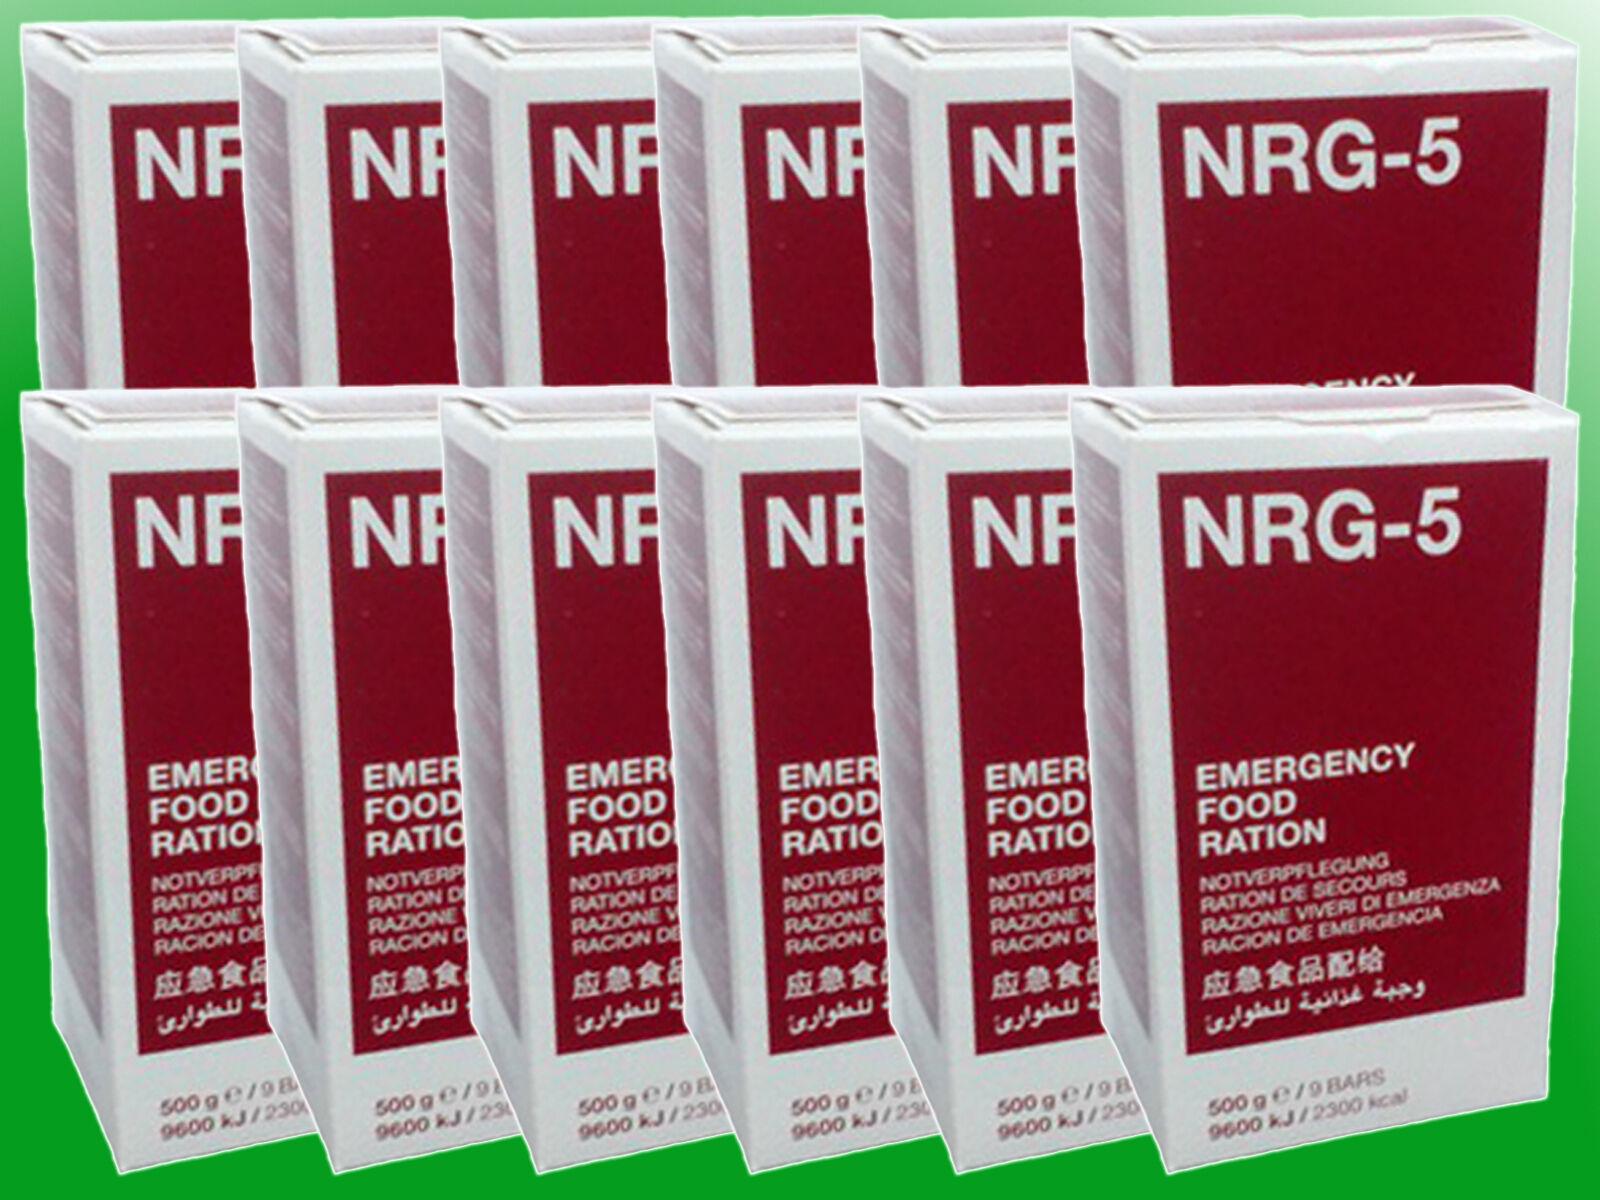 ( /kg) 12x500g NRG-5 Notnahrung, Notverpflegung, Survival, Langzeitnahrung